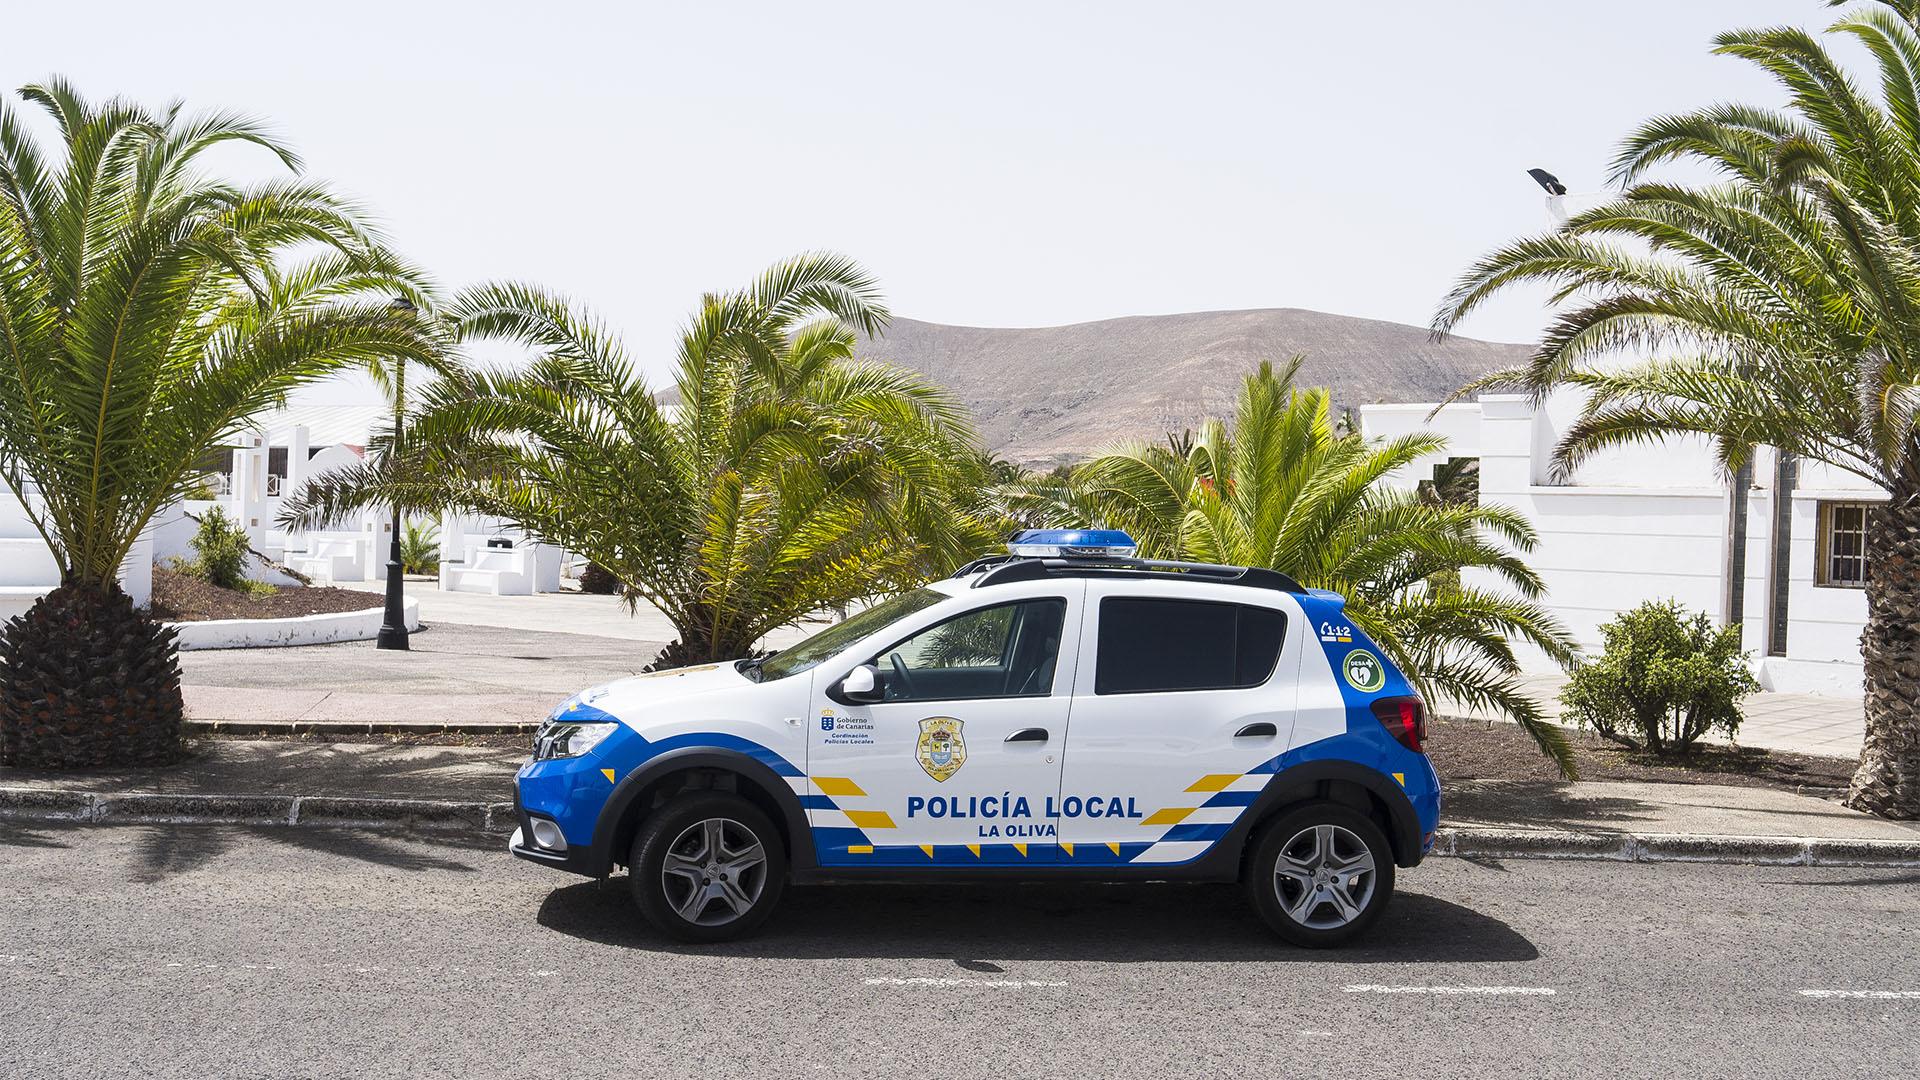 Sicherheit auf Fuerteventura: Policia Local.